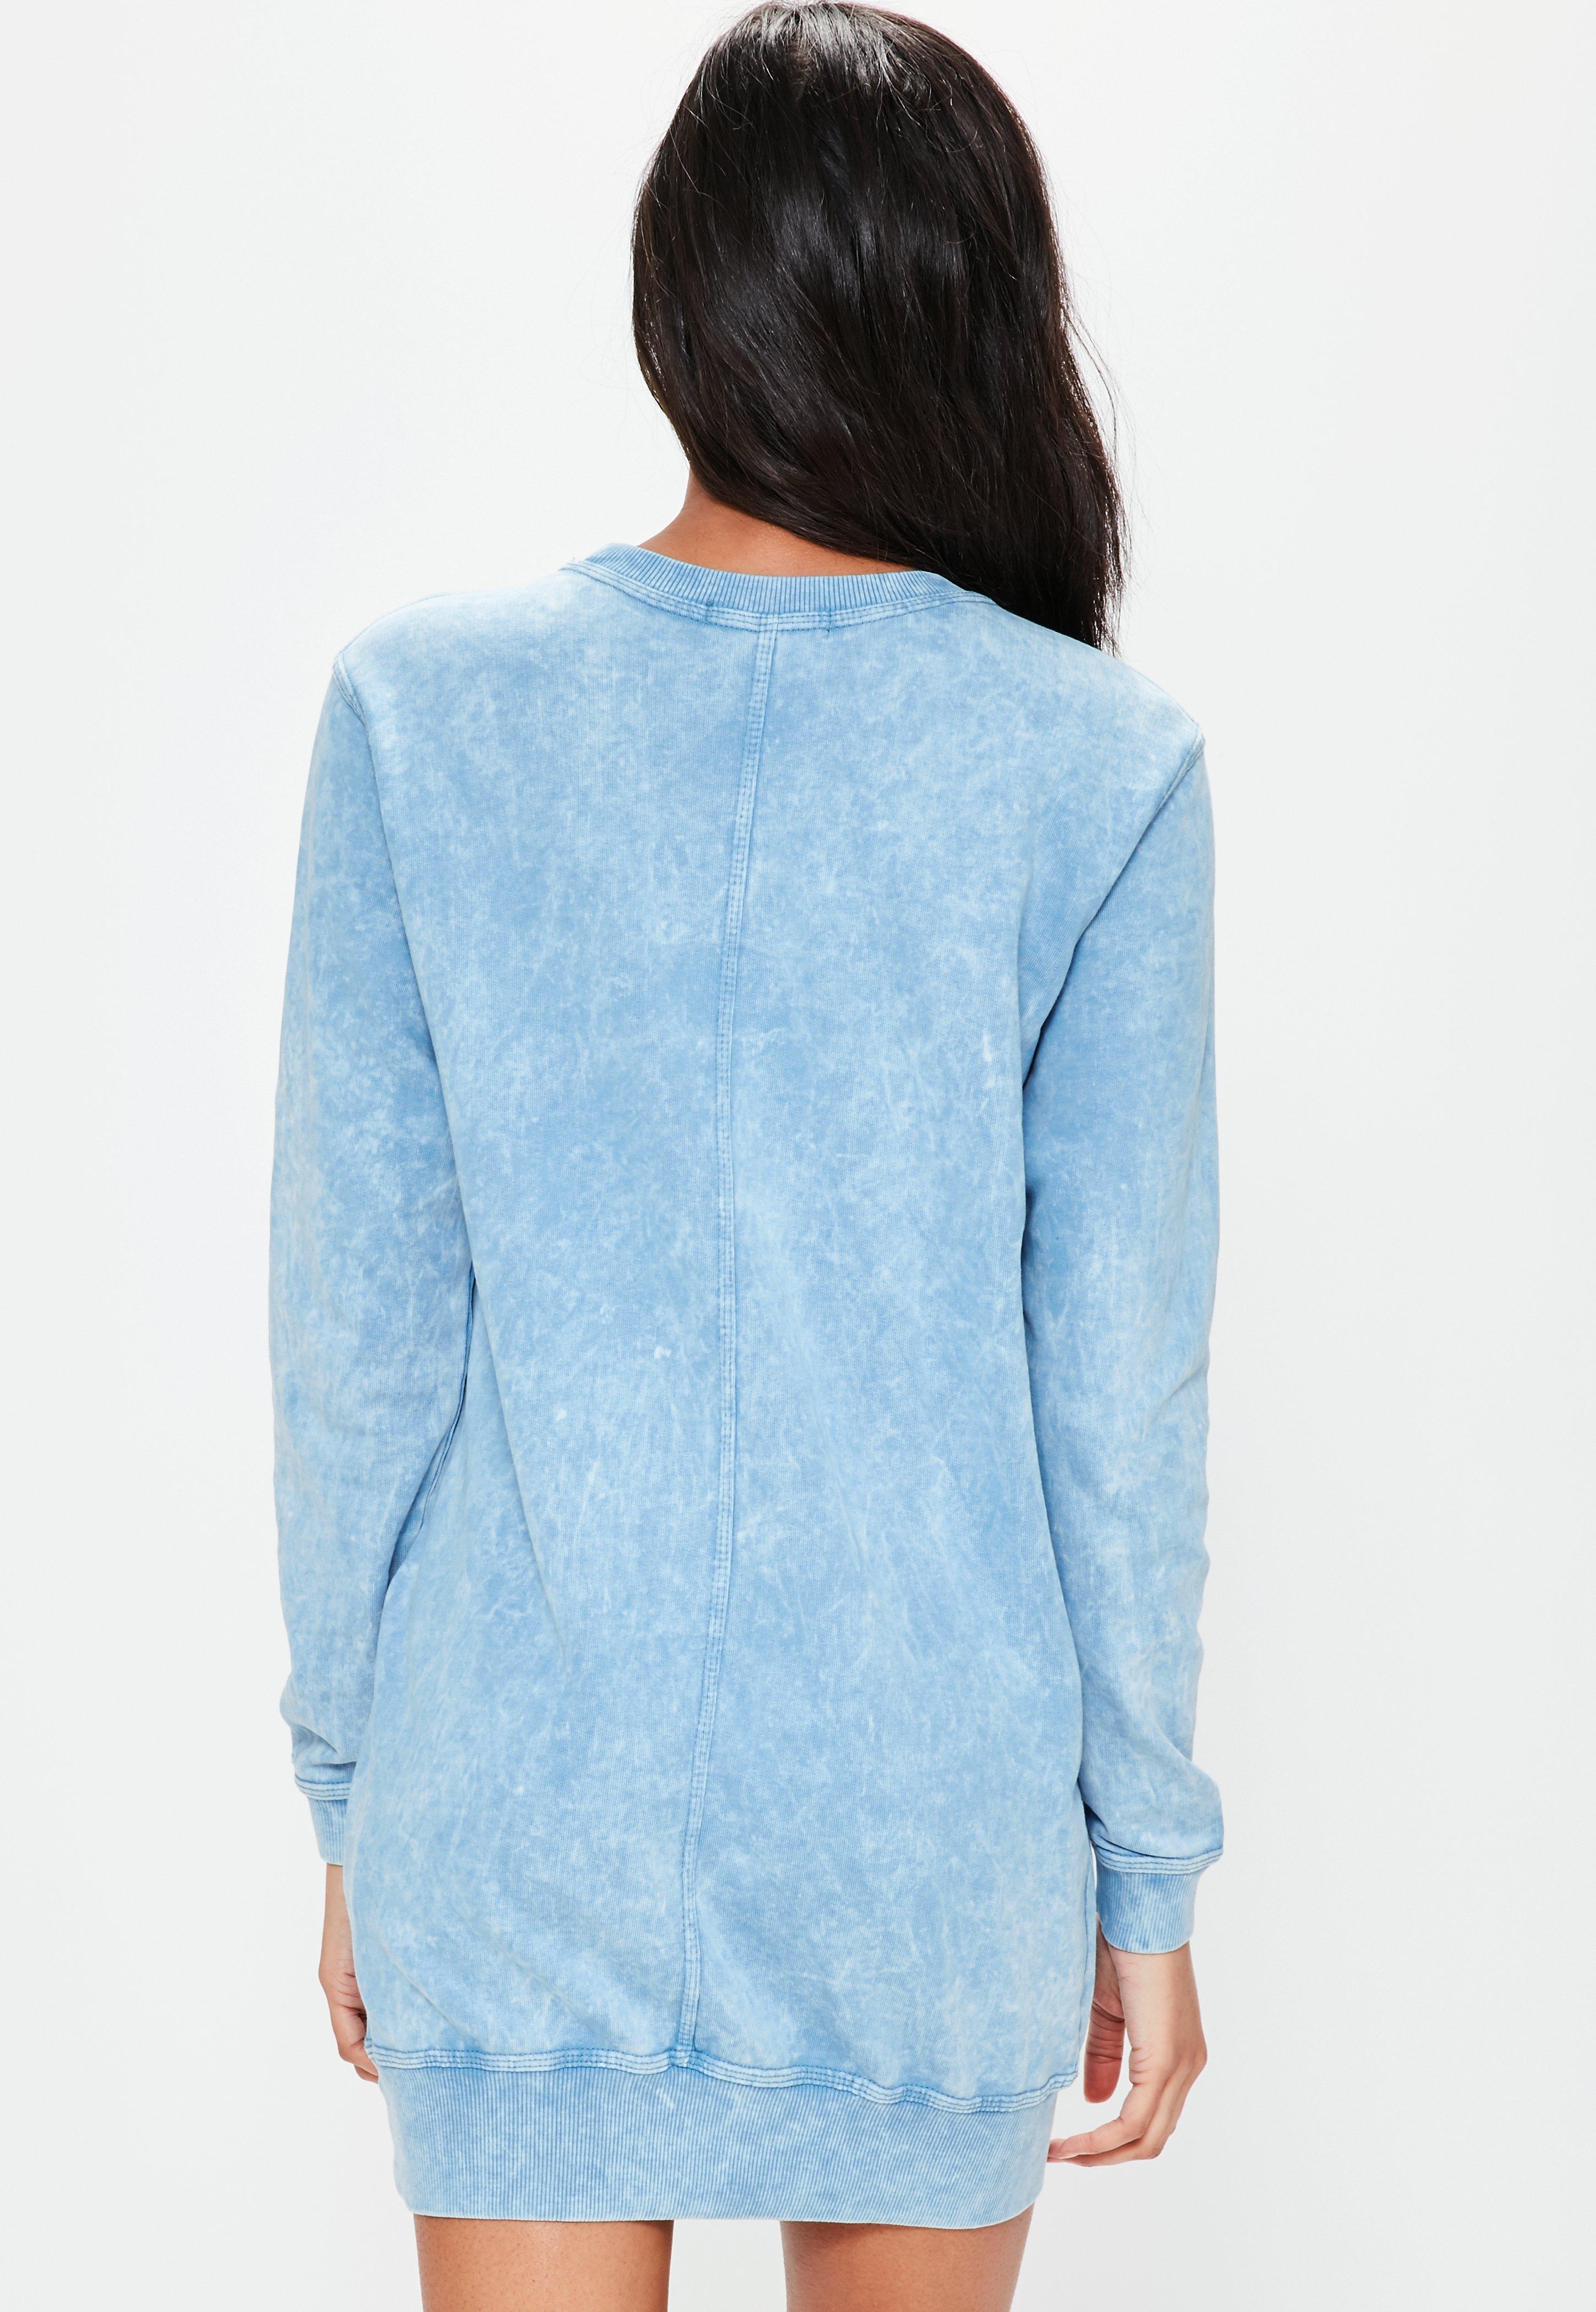 Blue denim wash pocket oversized jumper dress